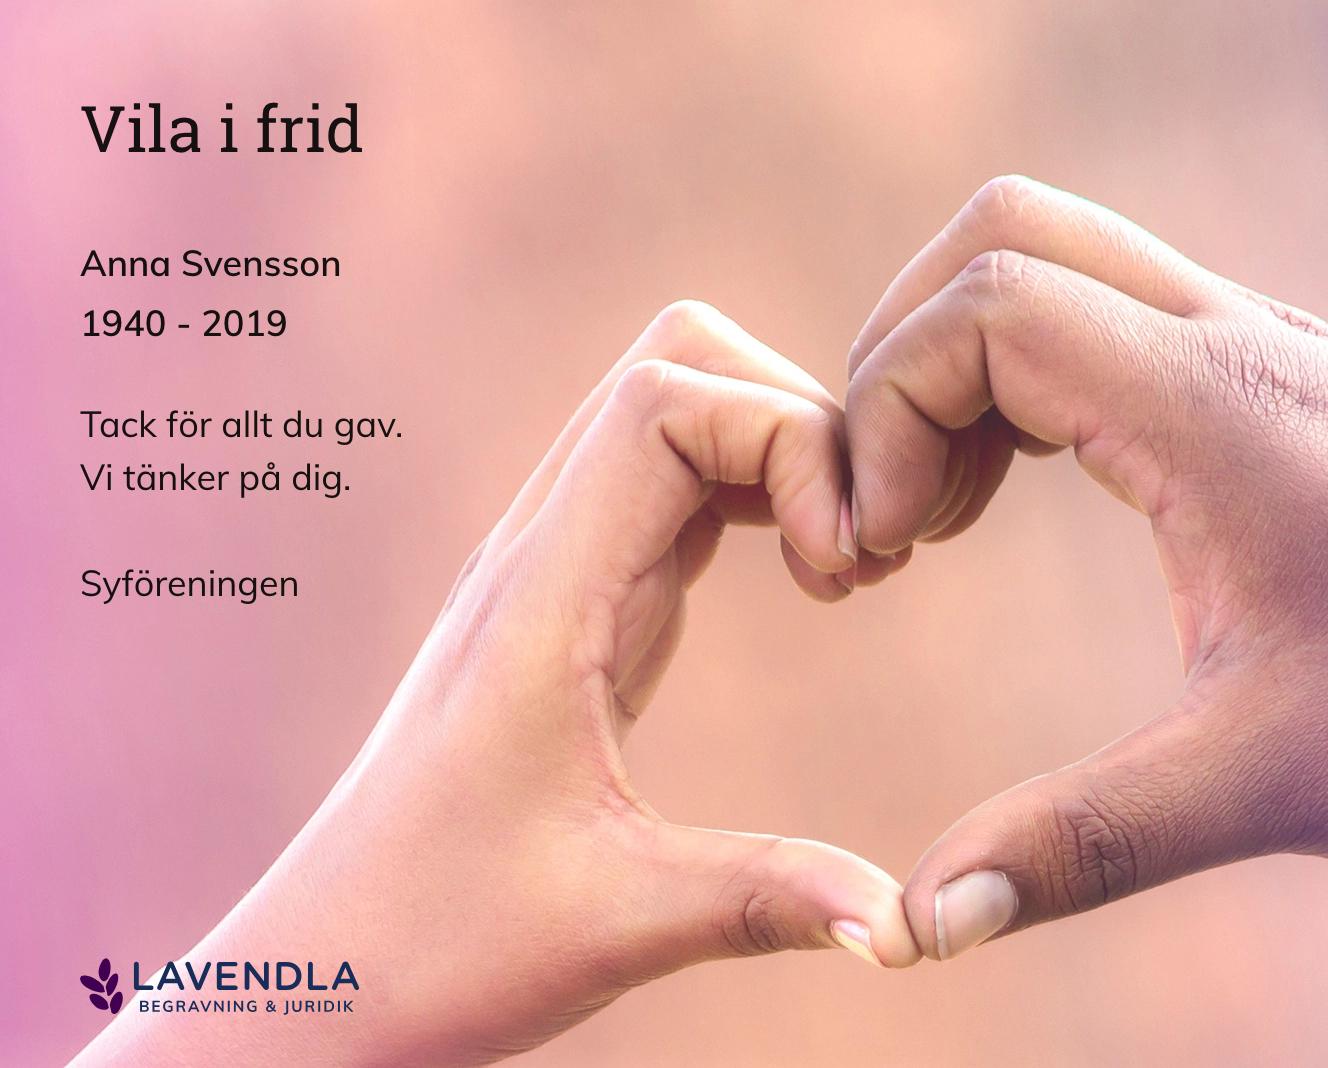 Inbjudningskort till ceremonin för Anna Svensson